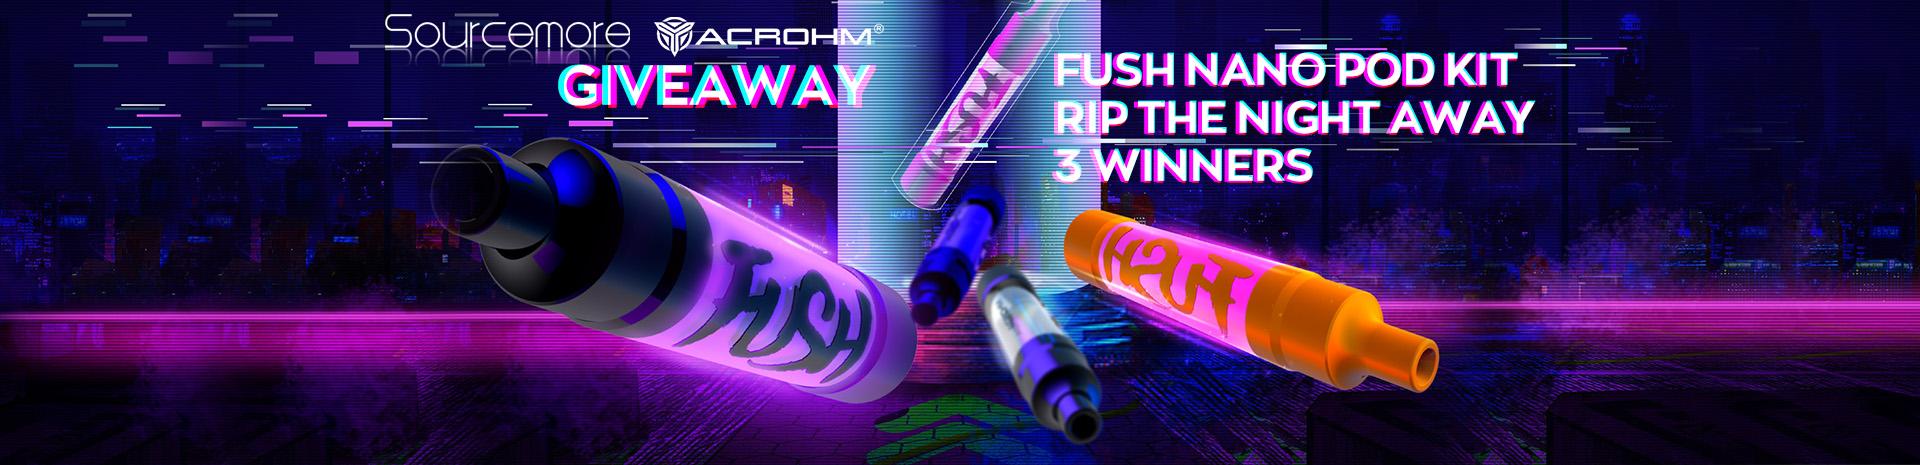 Acrohm Fush Nano Pod Kit Giveaway